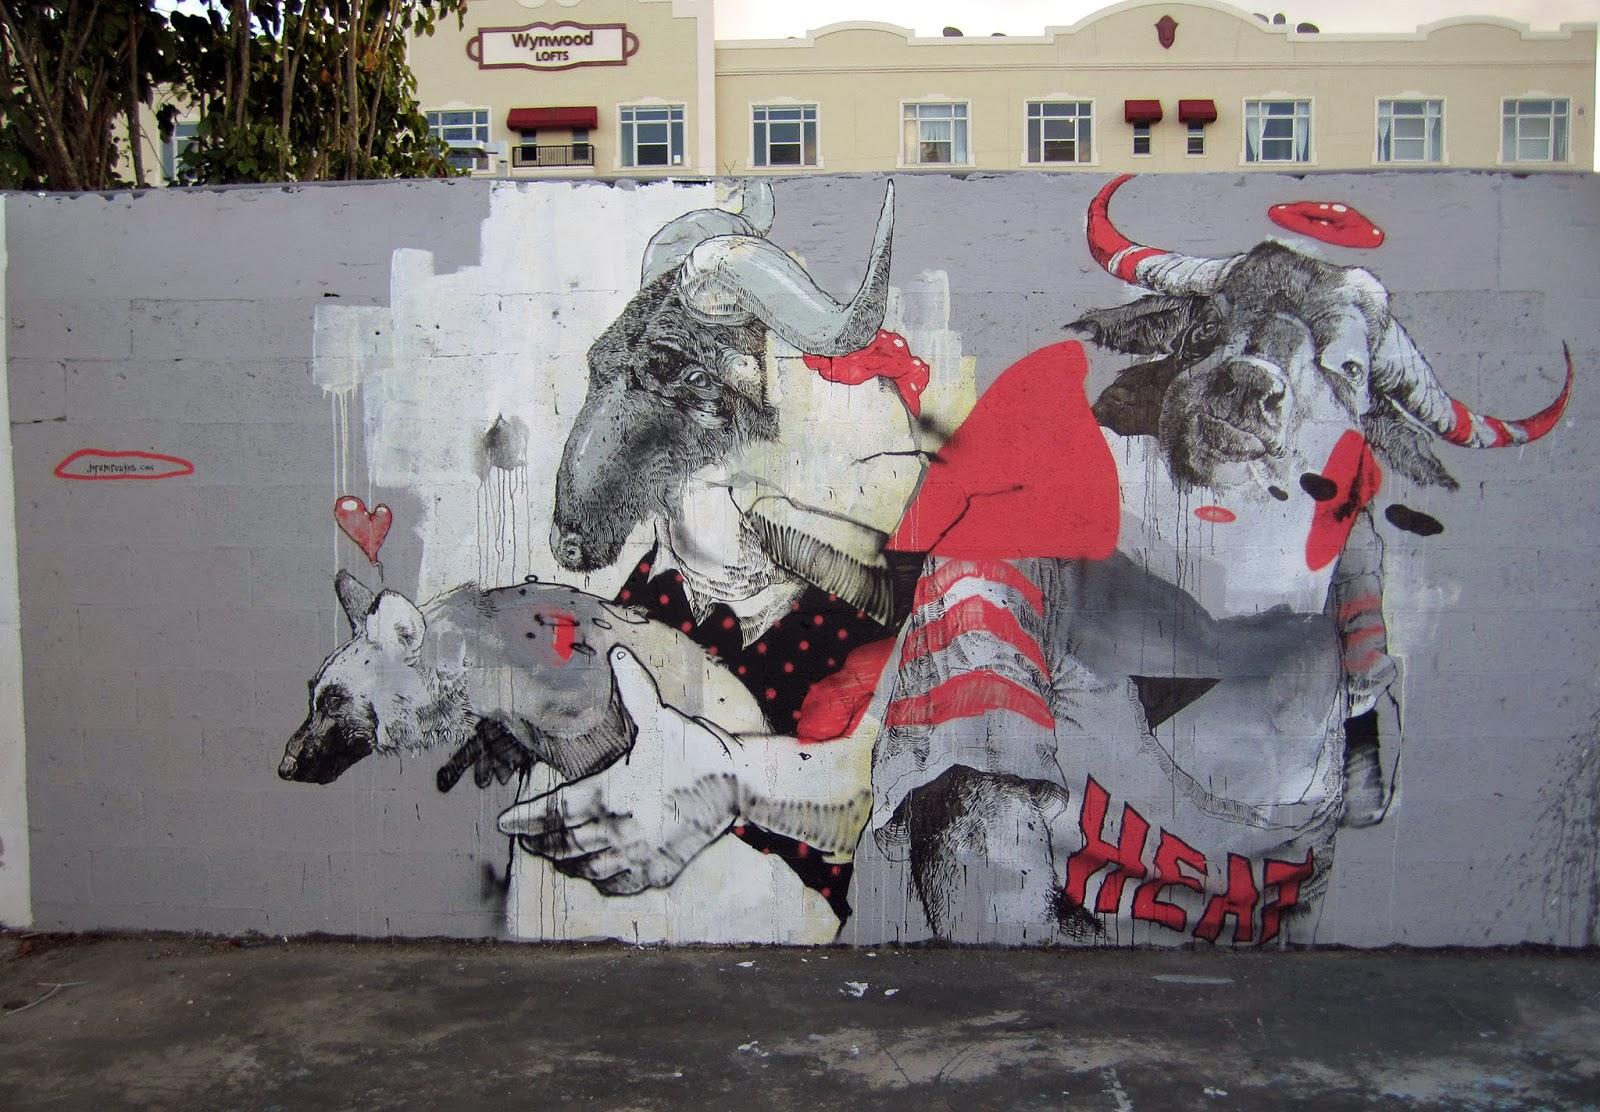 joram-roukes-new-mural-for-art-basel-2013-01